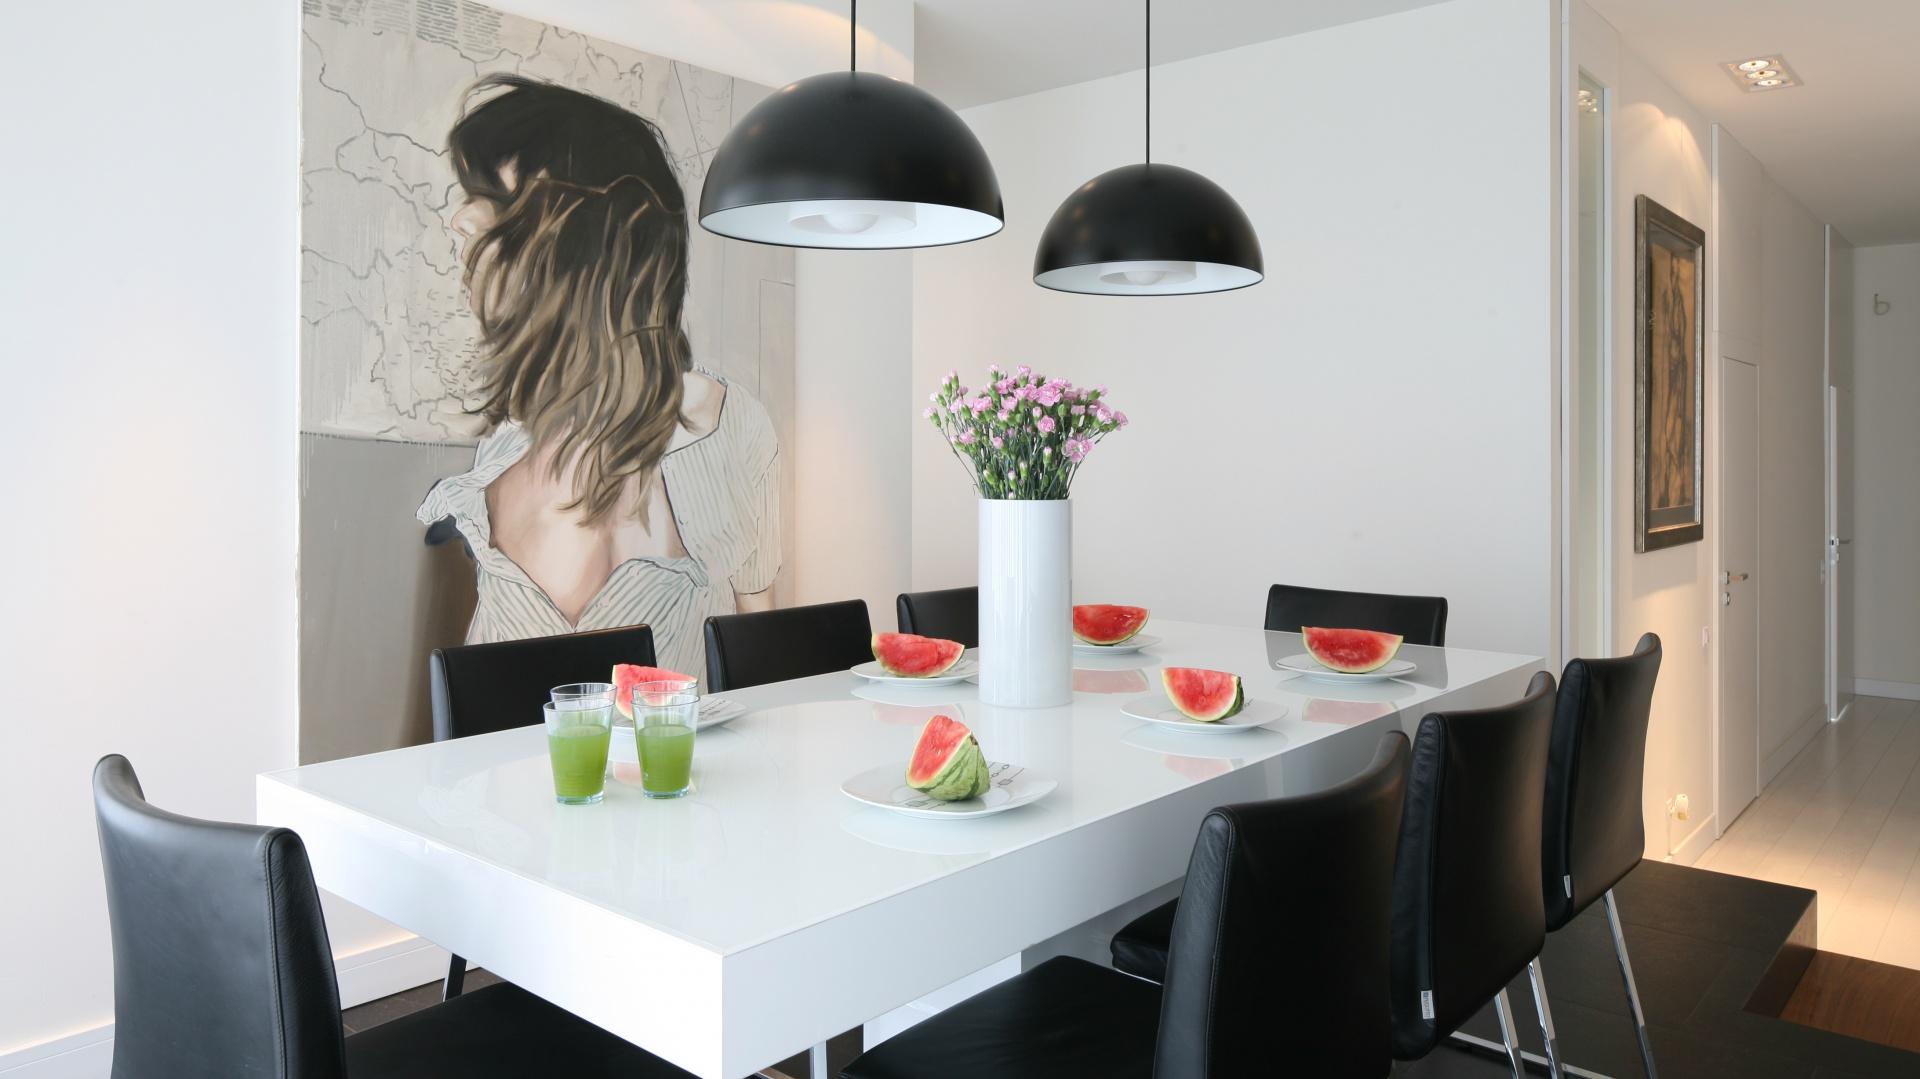 lampy wiszące nad stół do jadalni ile 2 czy 3